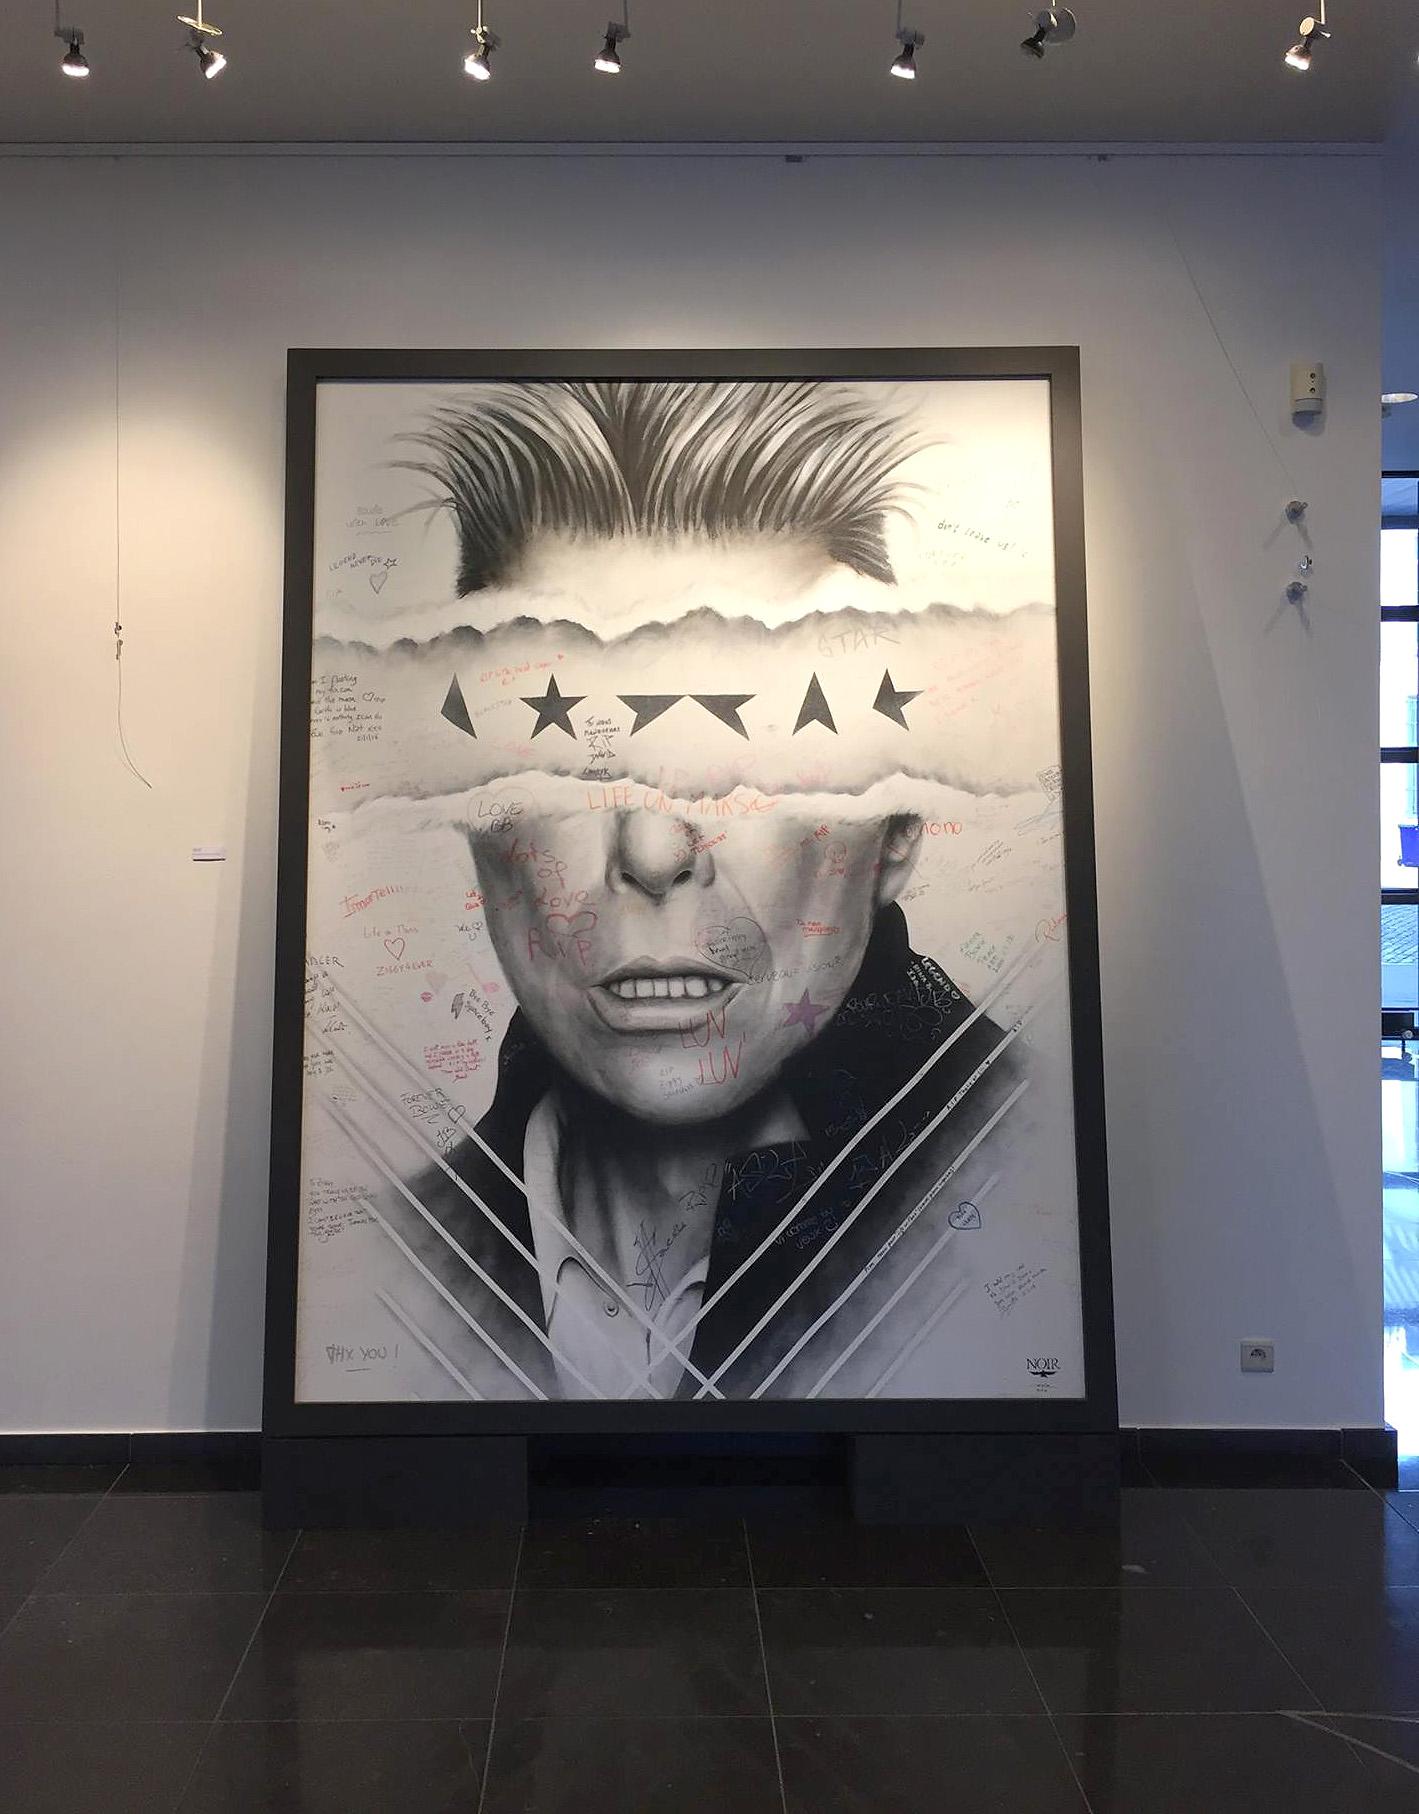 NOIR artist mural - Sony Music Belgium - David Bowie